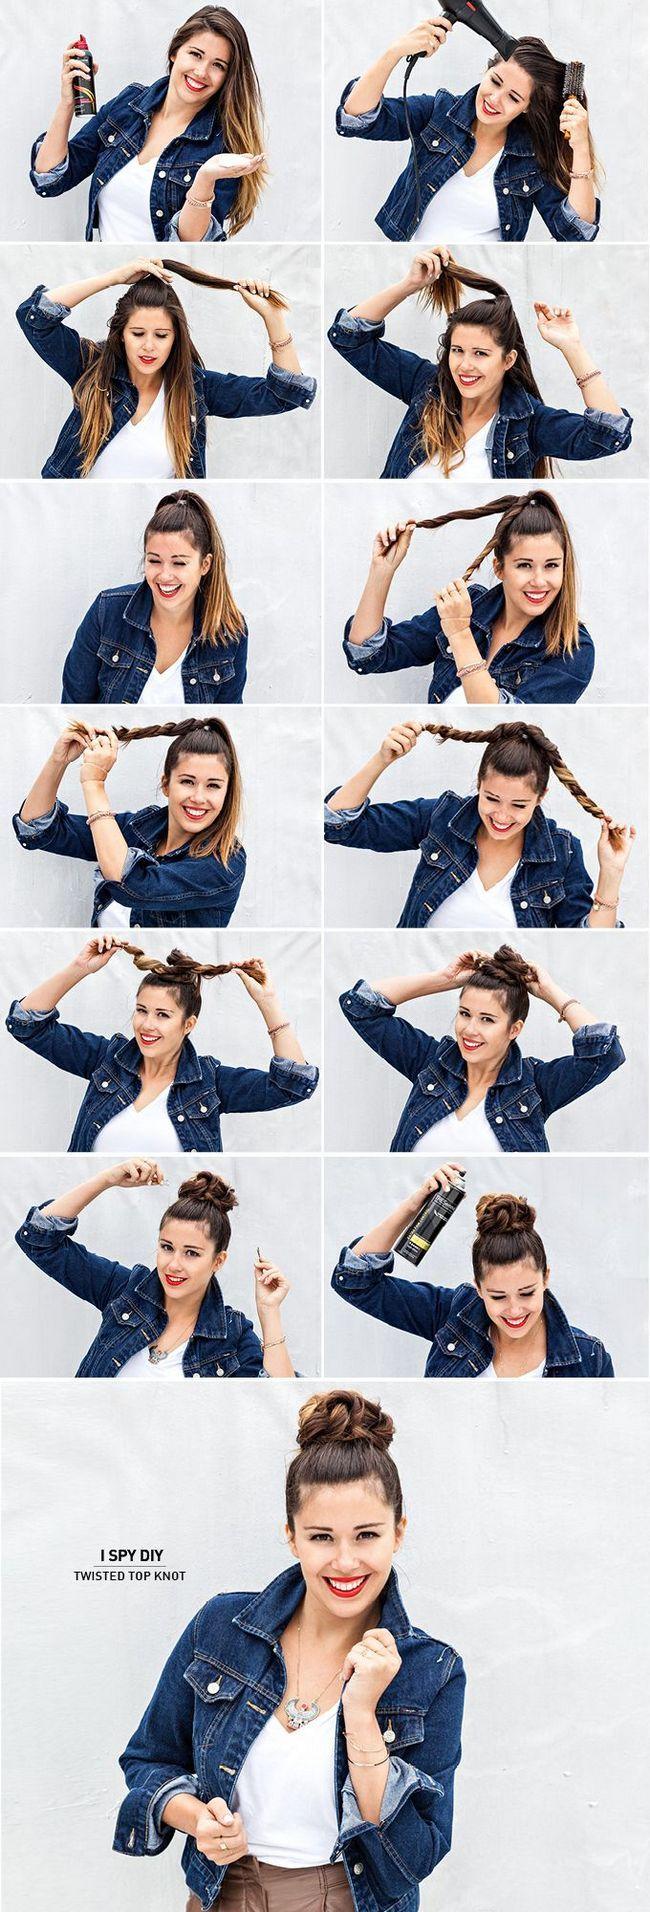 16 Penteados formais impressionantes para 2015